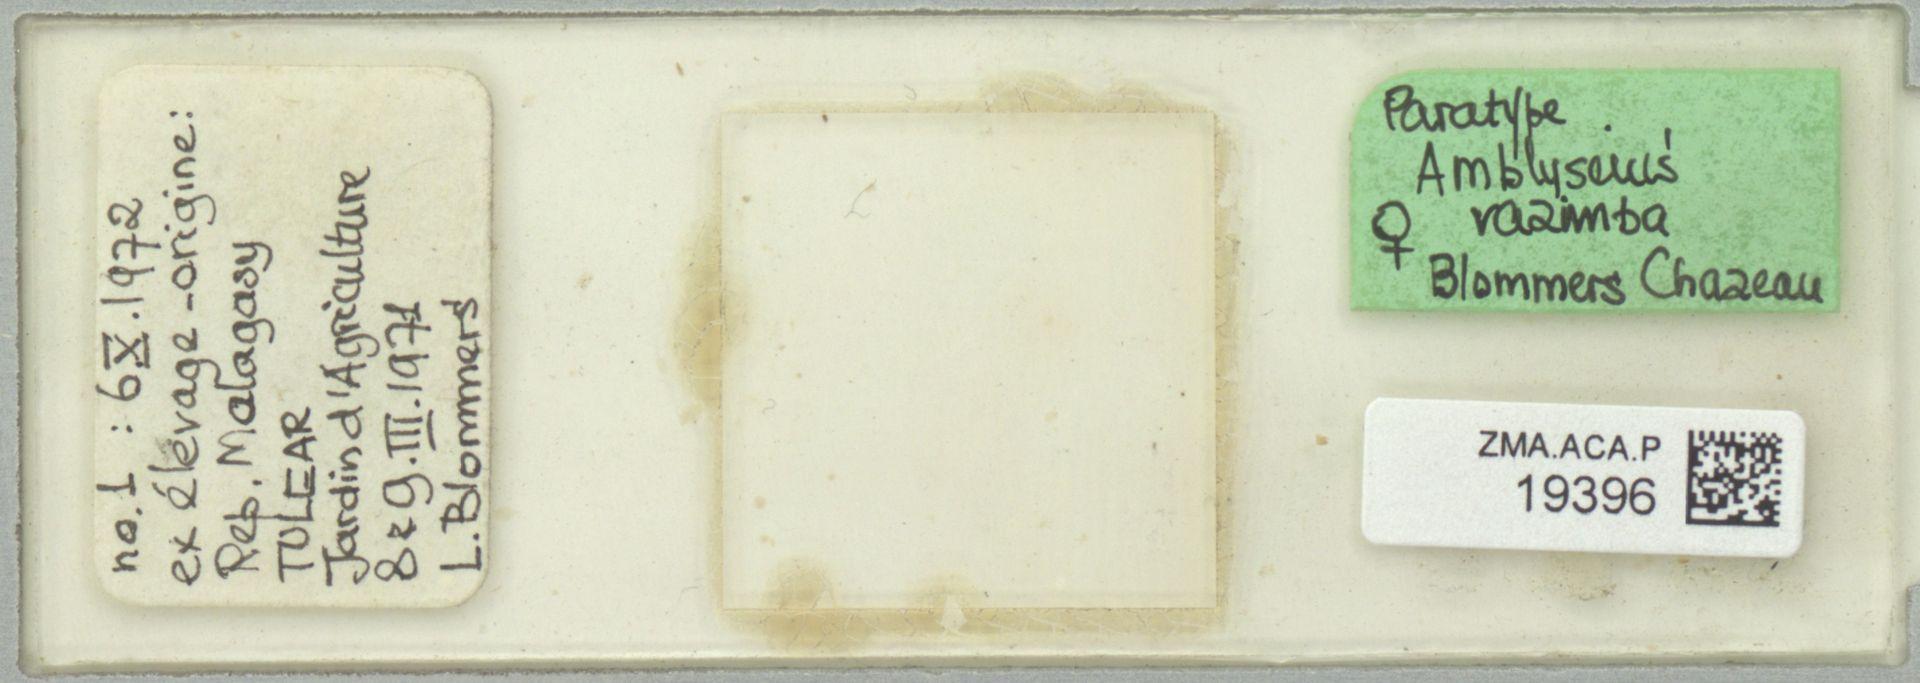 ZMA.ACA.P.19396 | Amblyseius razimba Blommers & Chazeau